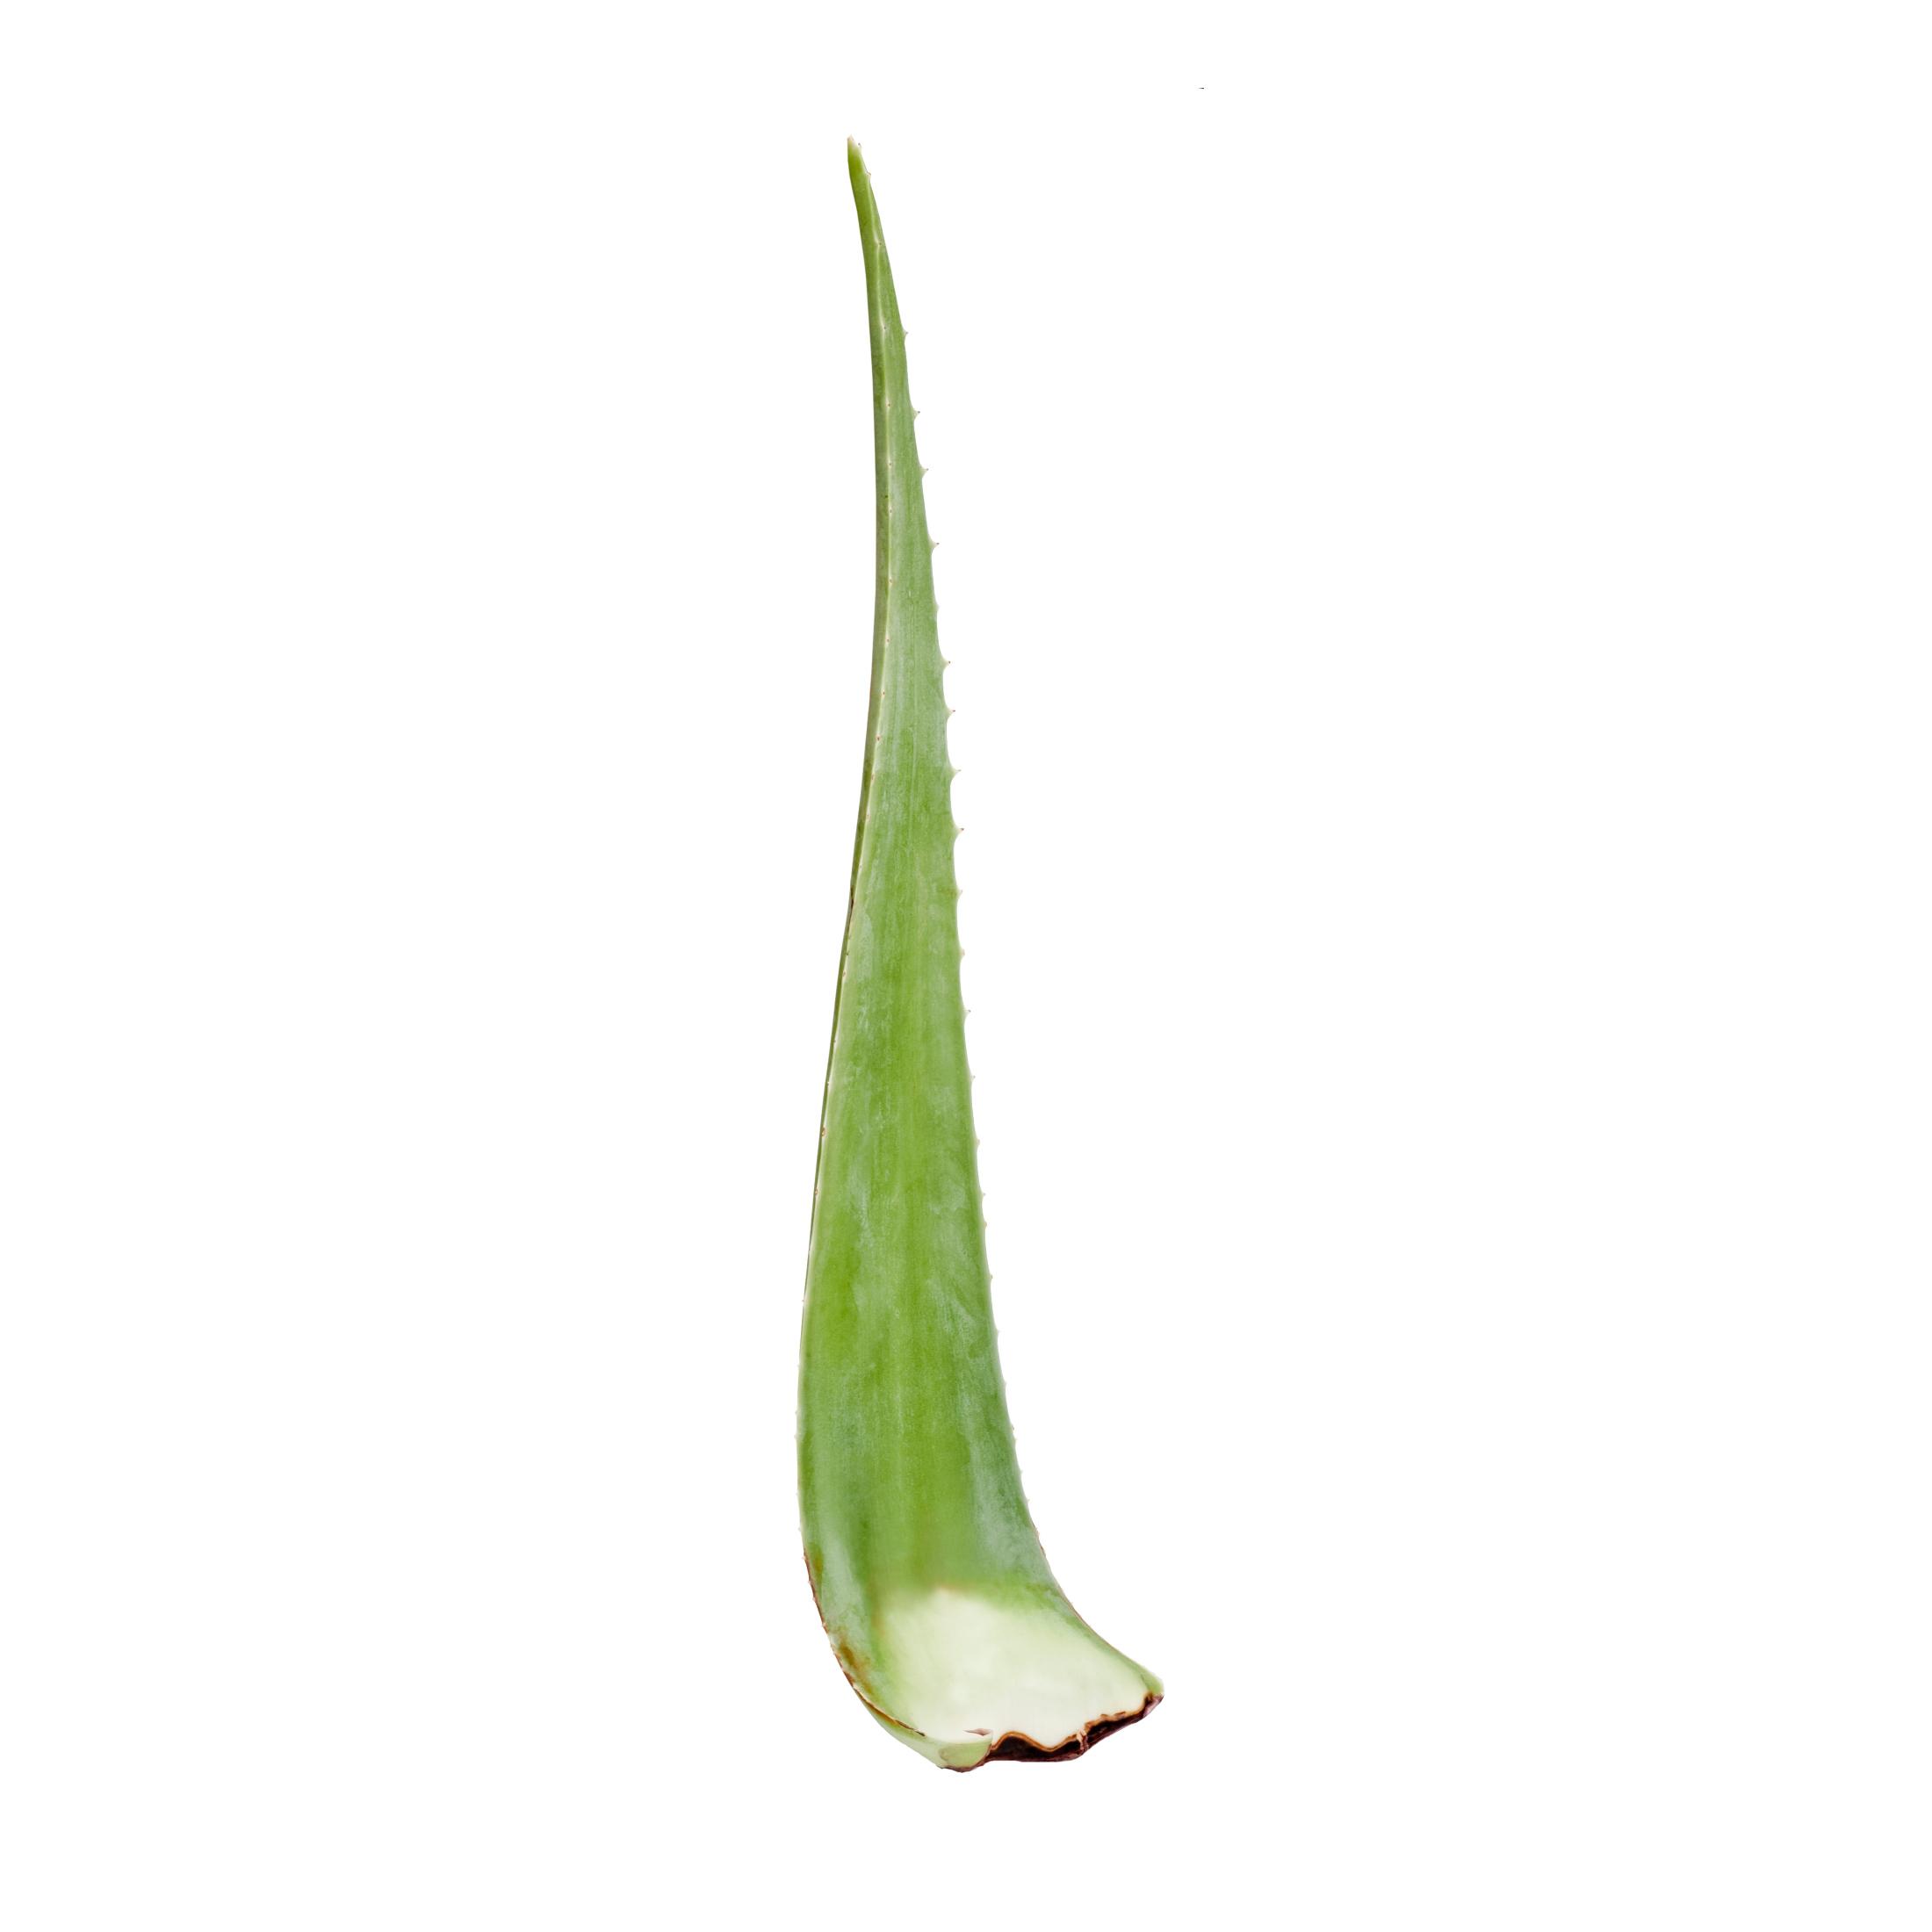 Santaverde Aloe vera čerstvý list 1 ks, cca 40 cm